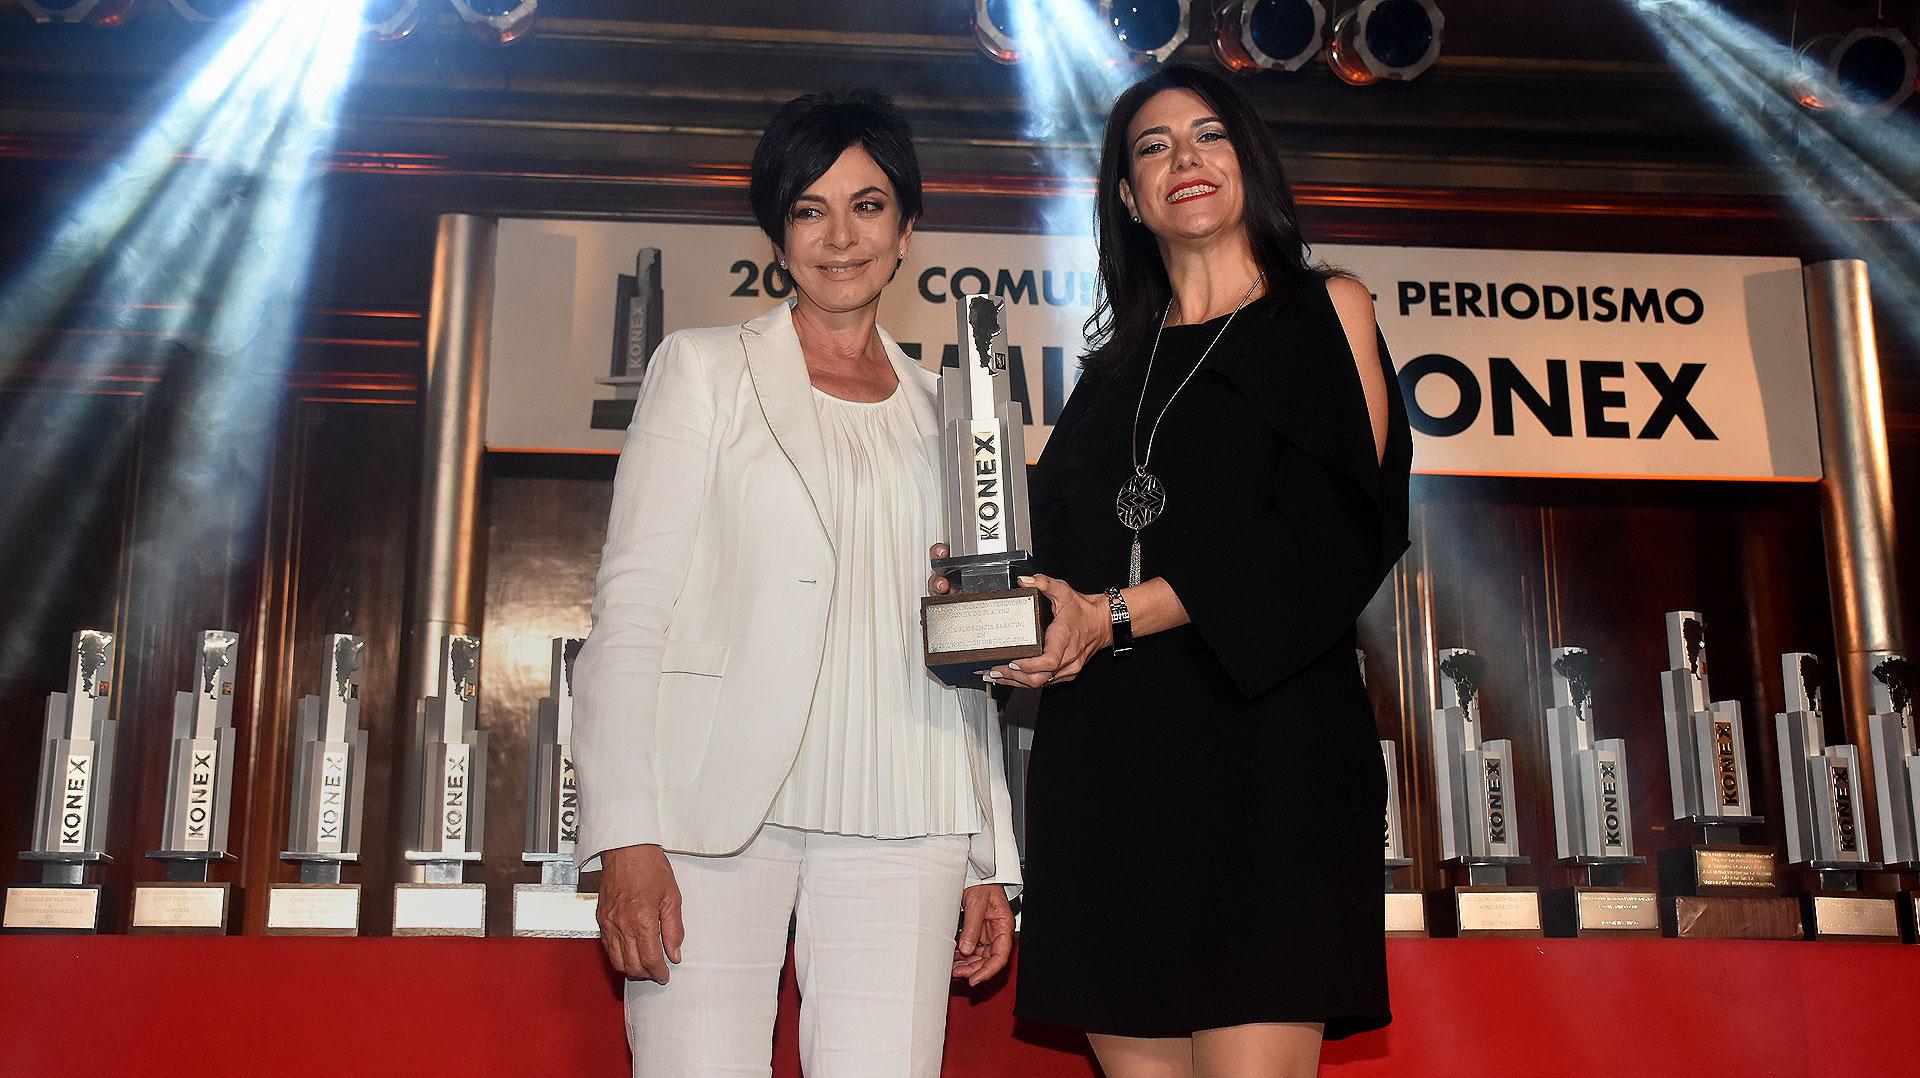 La periodista Mónica Gutiérrez le entregó el Konex de Platino a María Florencia Sabatini, categoría Comunicación Institucional